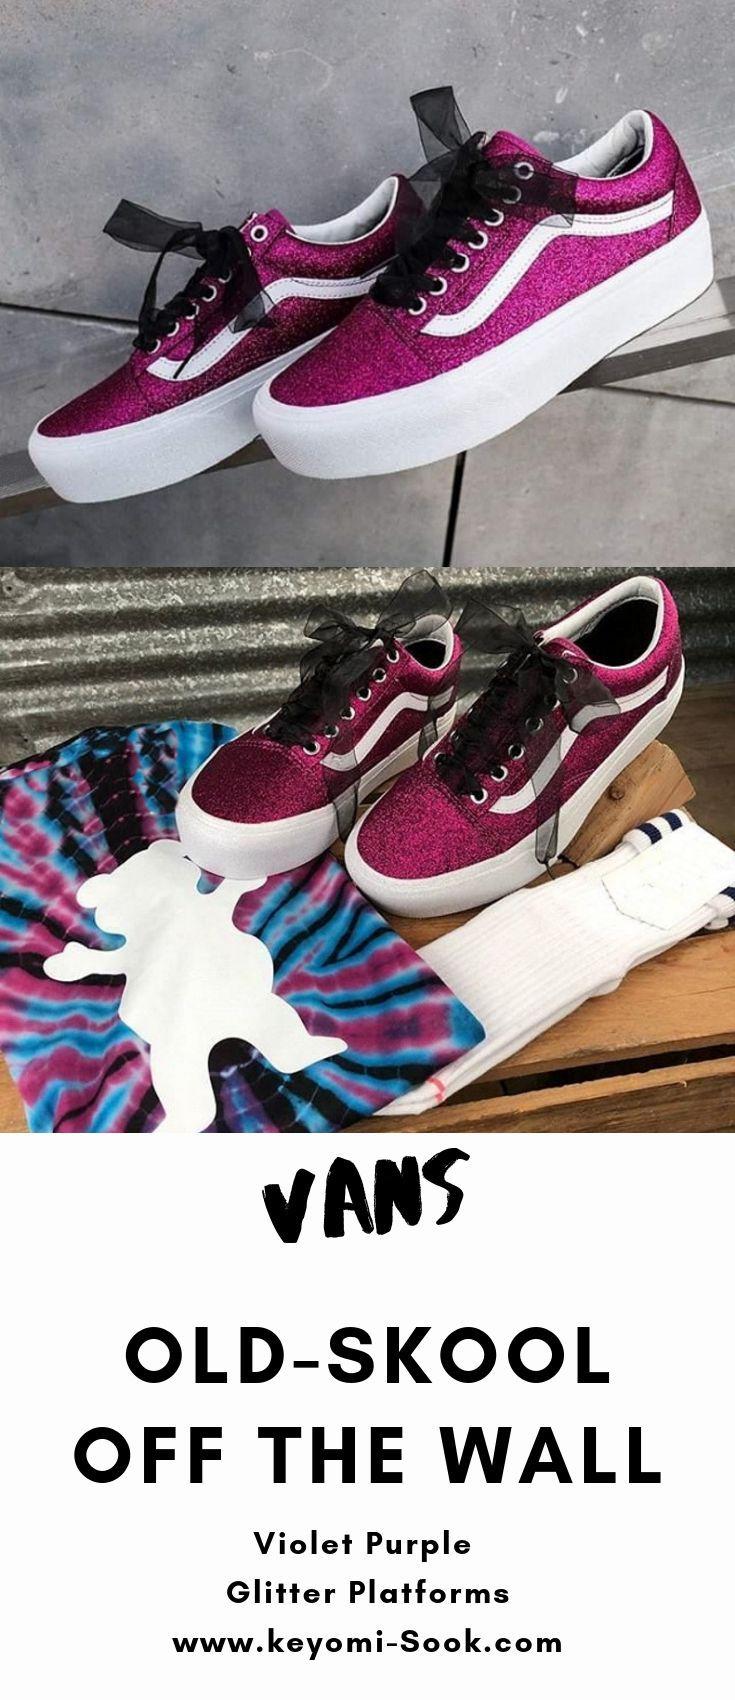 Vans Old Skool Off The Wall Violet Purple Glitter Platform Sneakers Women Shoes Vans Name Brand Platform Sneakers Tennis Shoe Vans Girl Glitter Platform Vans